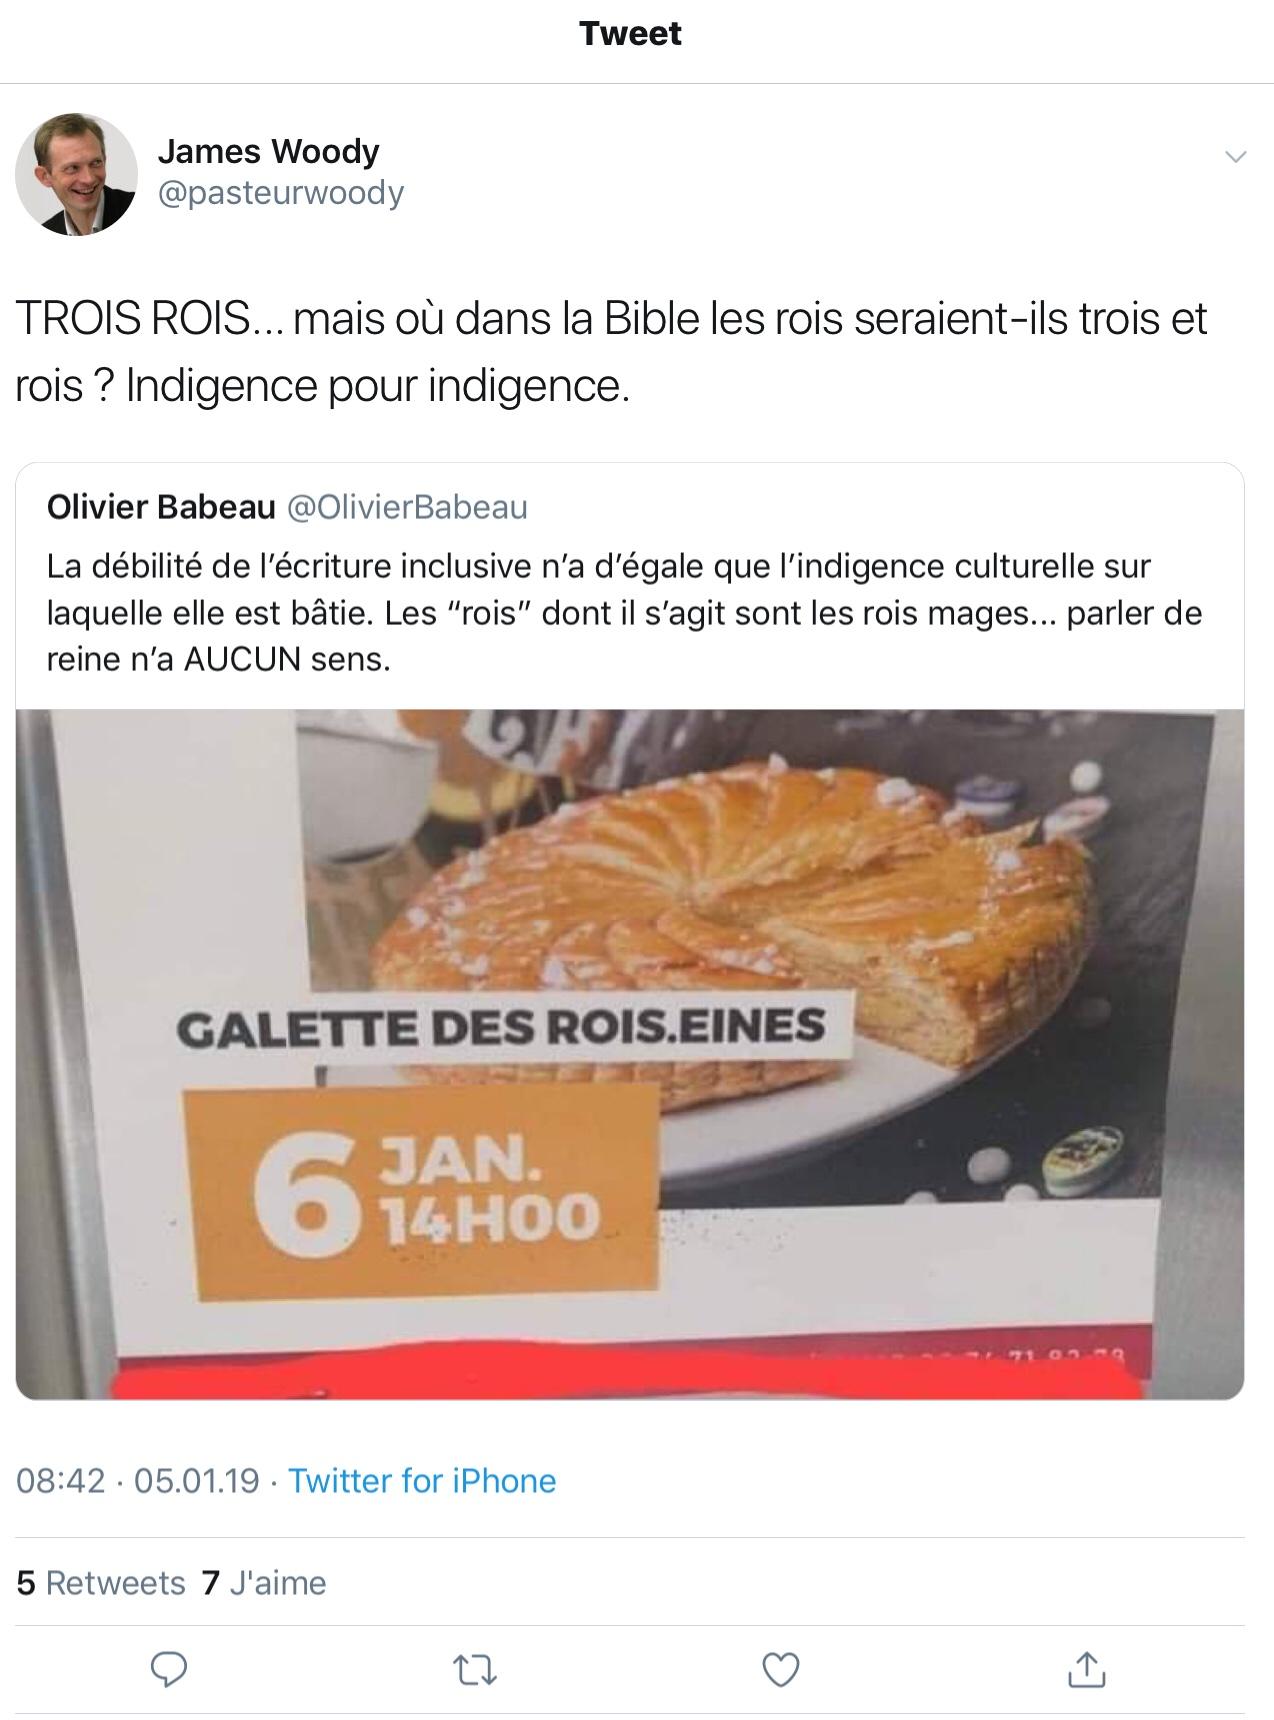 Gazouillis e @pasteurwoody: «TROIS ROIS... mais où dans la Bible les rois seraient-ils trois et rois? Indigence pour indigence.